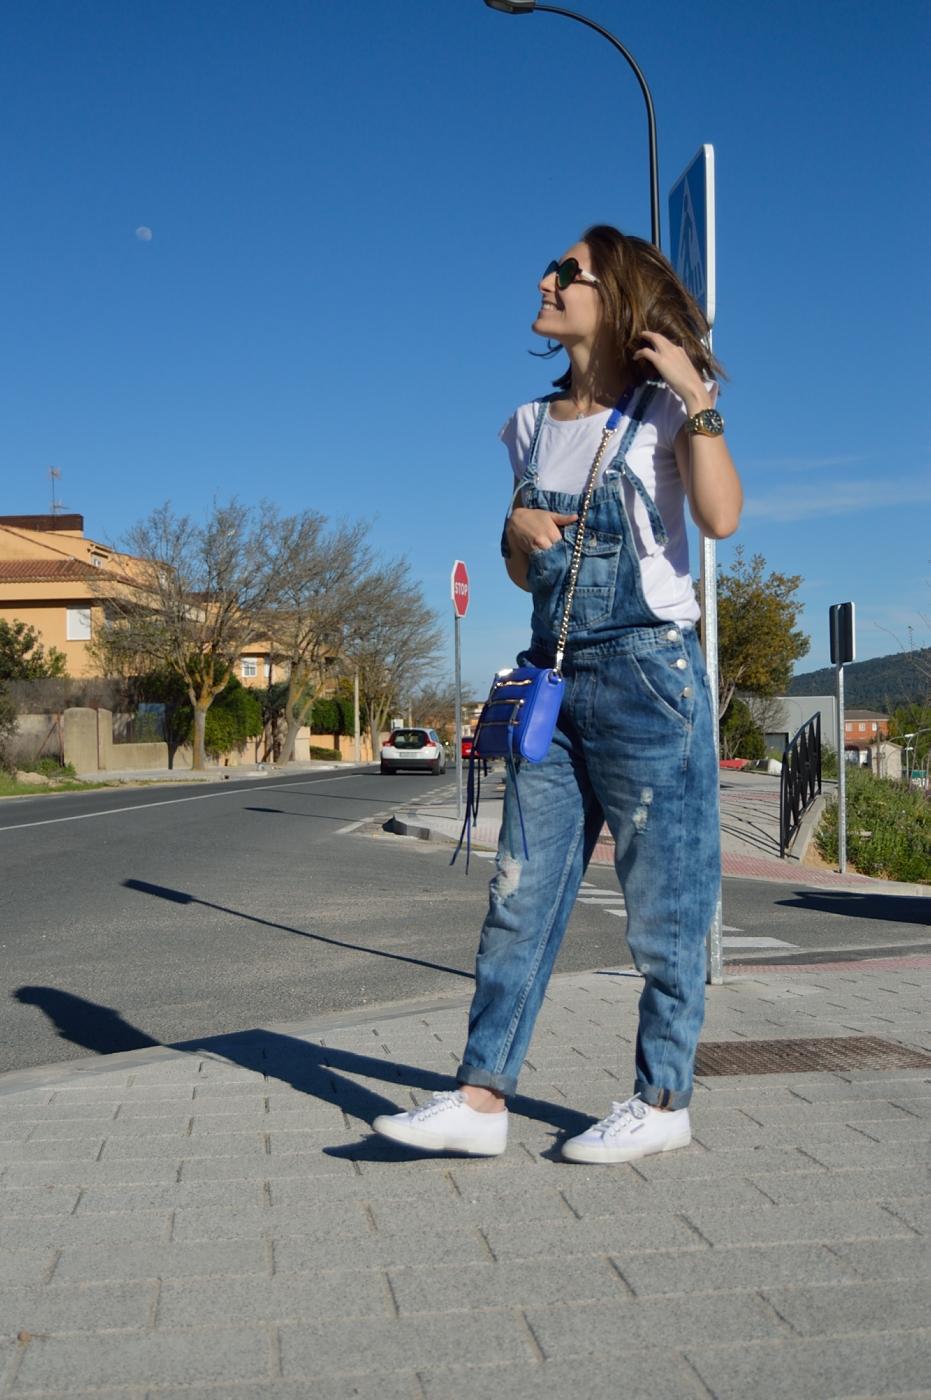 lara-vazquez-mad-lula-style-ootd-denim-jumpsuit-ootd-fashion-streetstyle